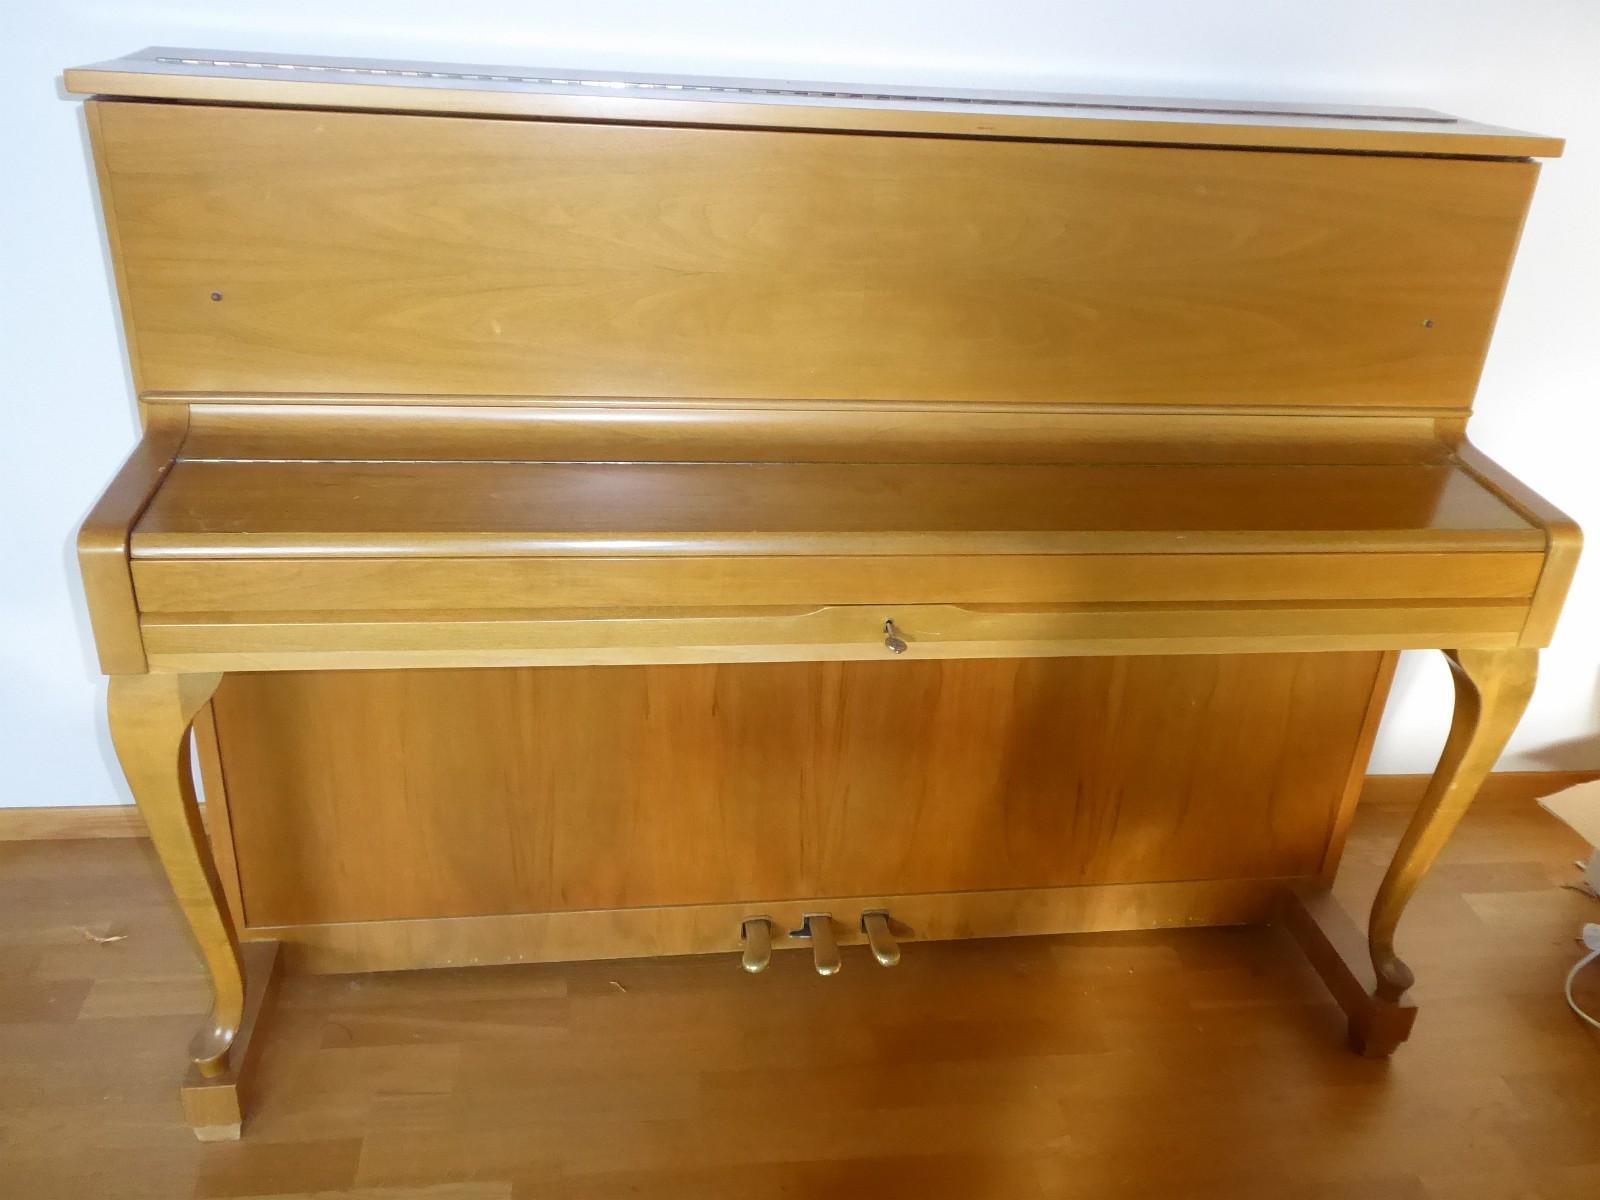 Sshimmel piano - Leikanger  - Pent brukt Schimmel piano frå ca 1965. Har ikkje vore brukt dei siste 10 åra, må stemmast. Pianoet har stålramme.  Må hentast på Leikanger - Leikanger